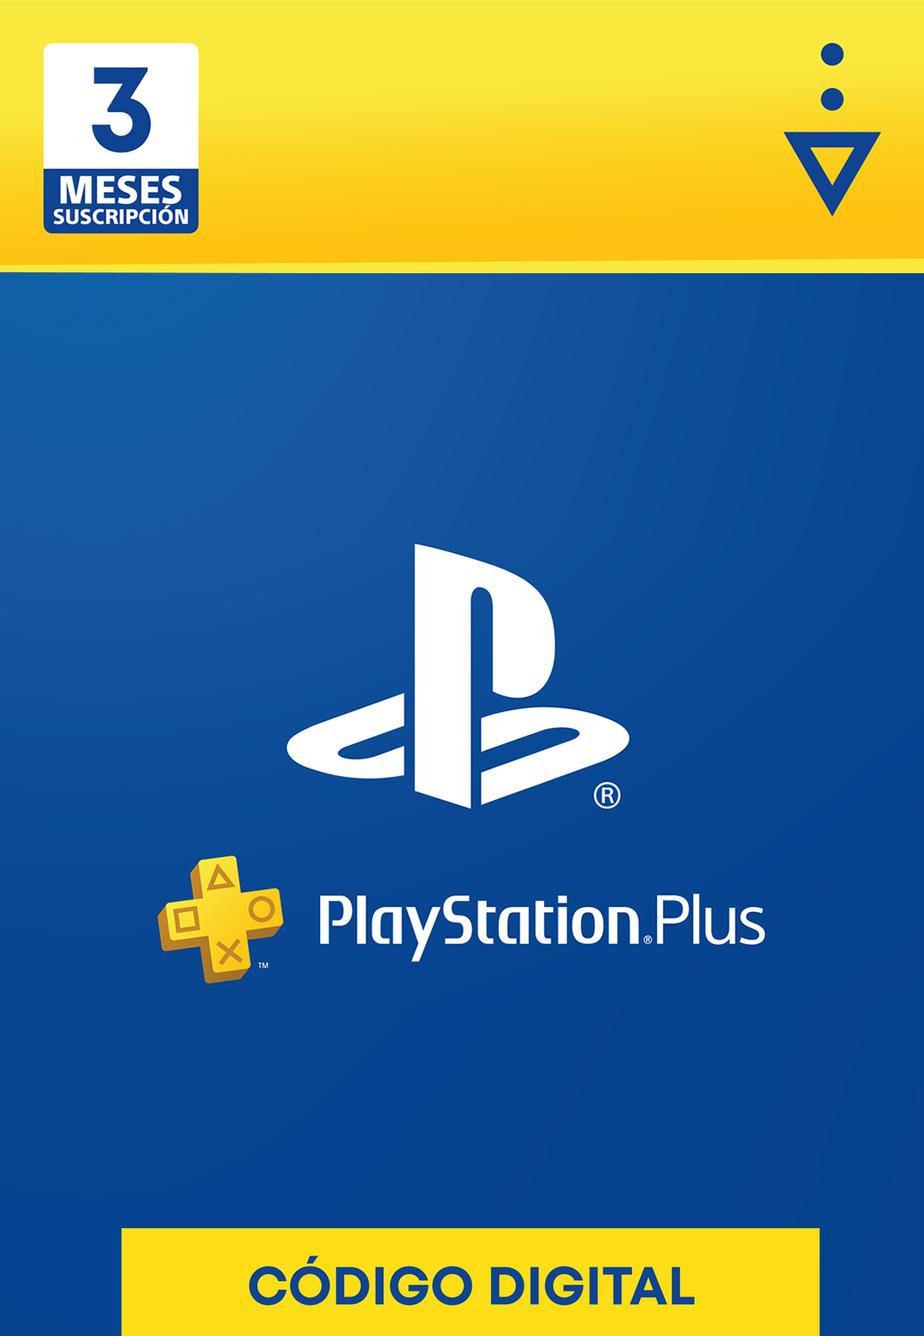 Membresía PlayStation Plus de 3 Meses